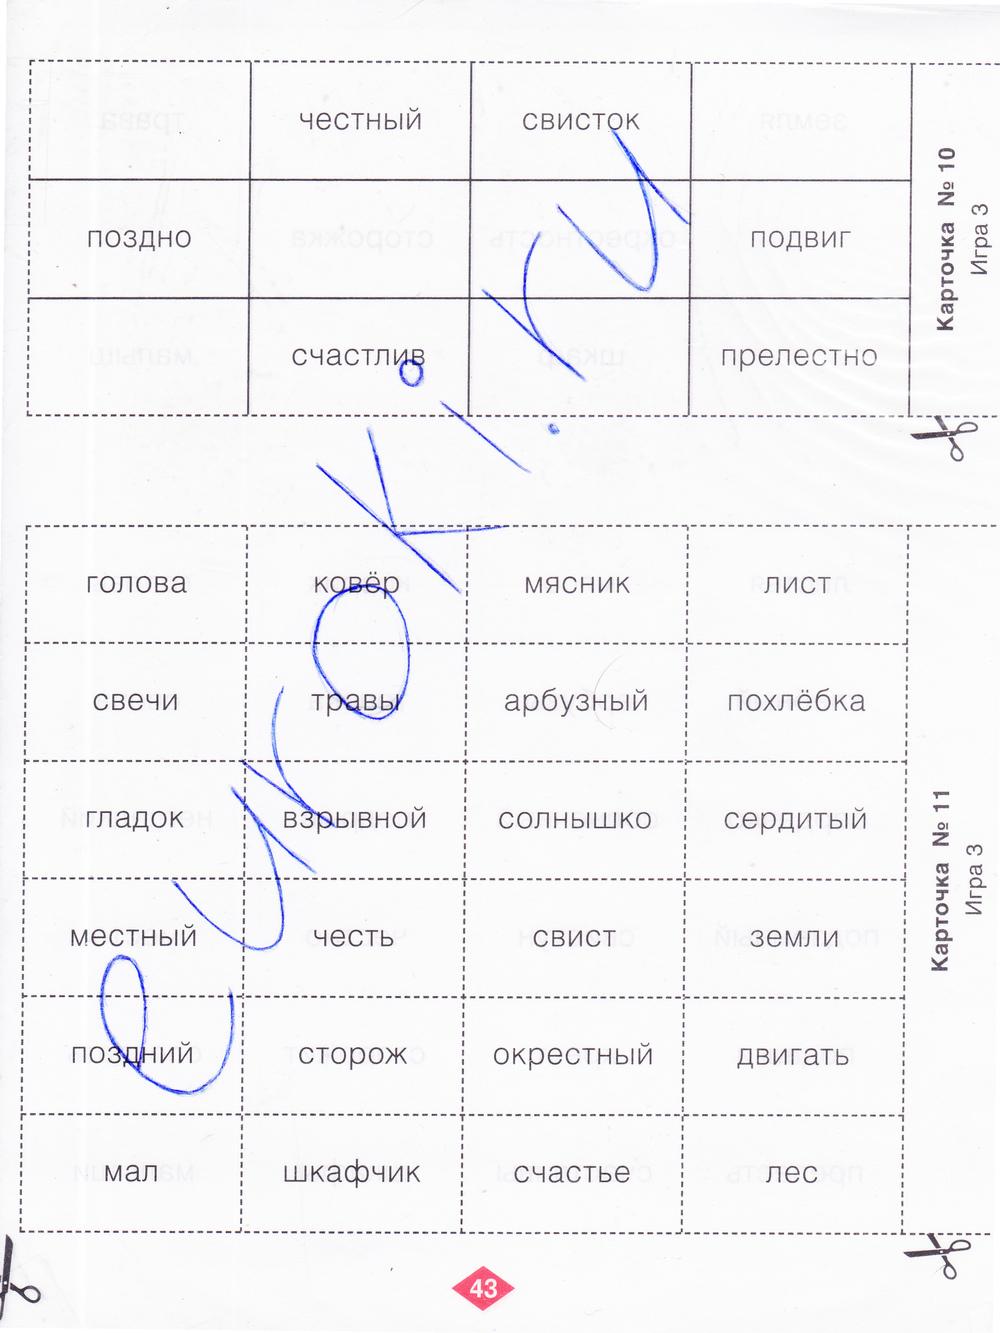 ГДЗ по русскому языку 2 класс рабочая тетрадь Яковлева Часть 1, 2, 3, 4. Задание: стр. 43